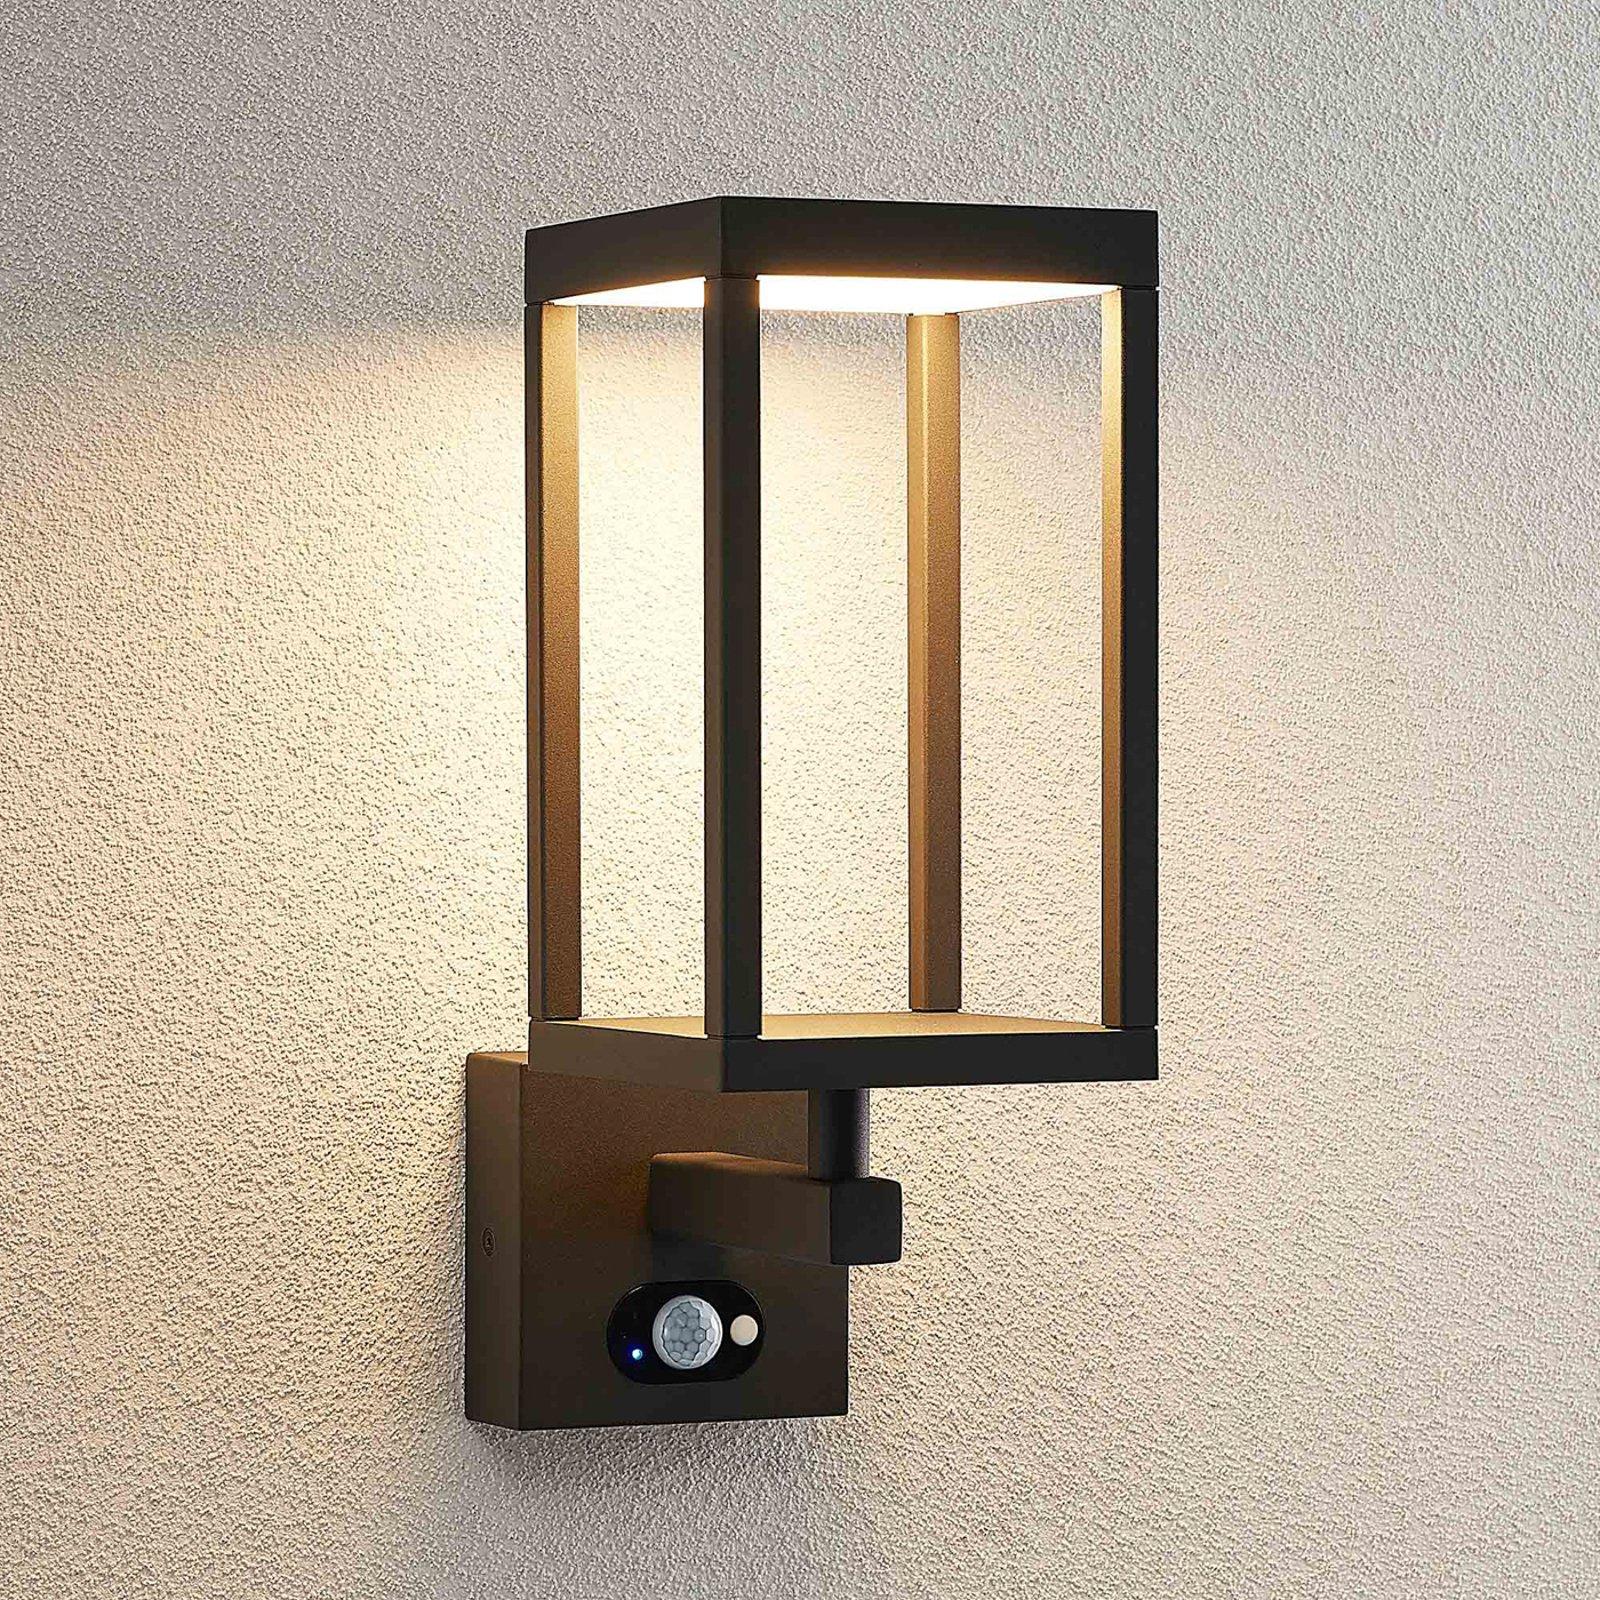 Lucande Qimka LED-vegglampe solcelle og sensor